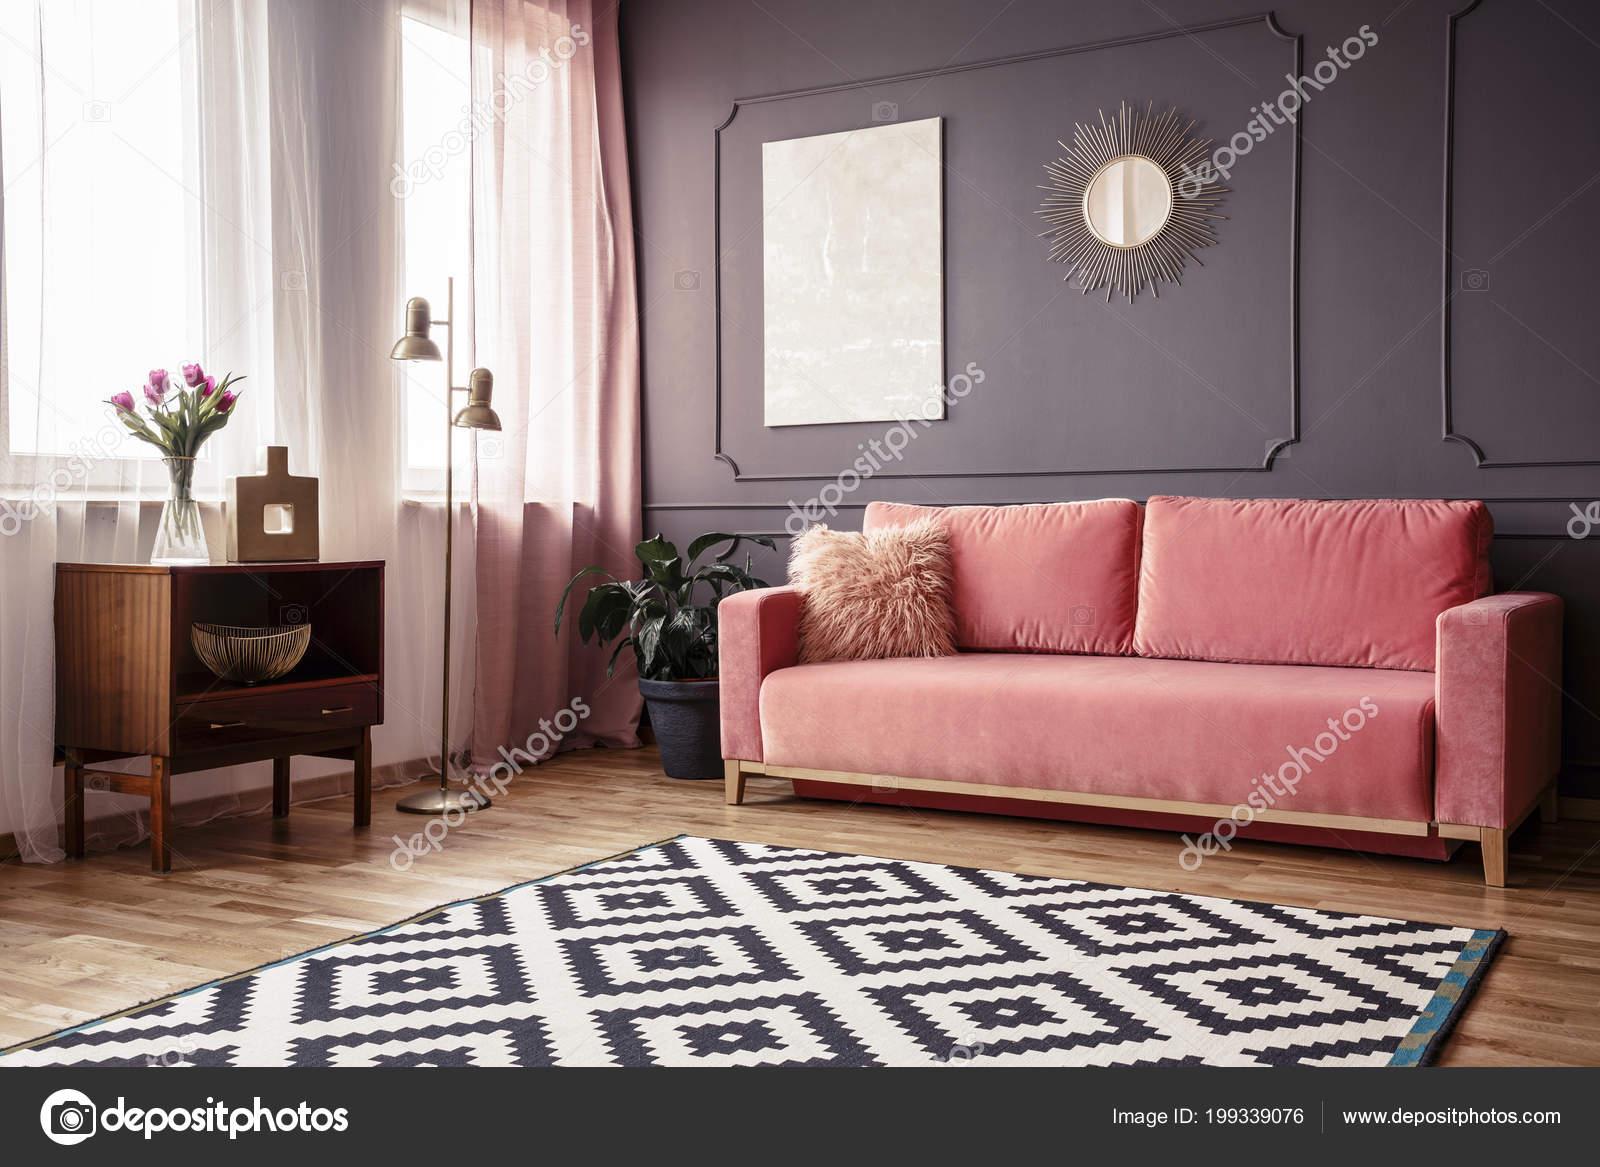 Divano Rosa Cipria : Angolo laterale interiore del salone con divano rosa cipria